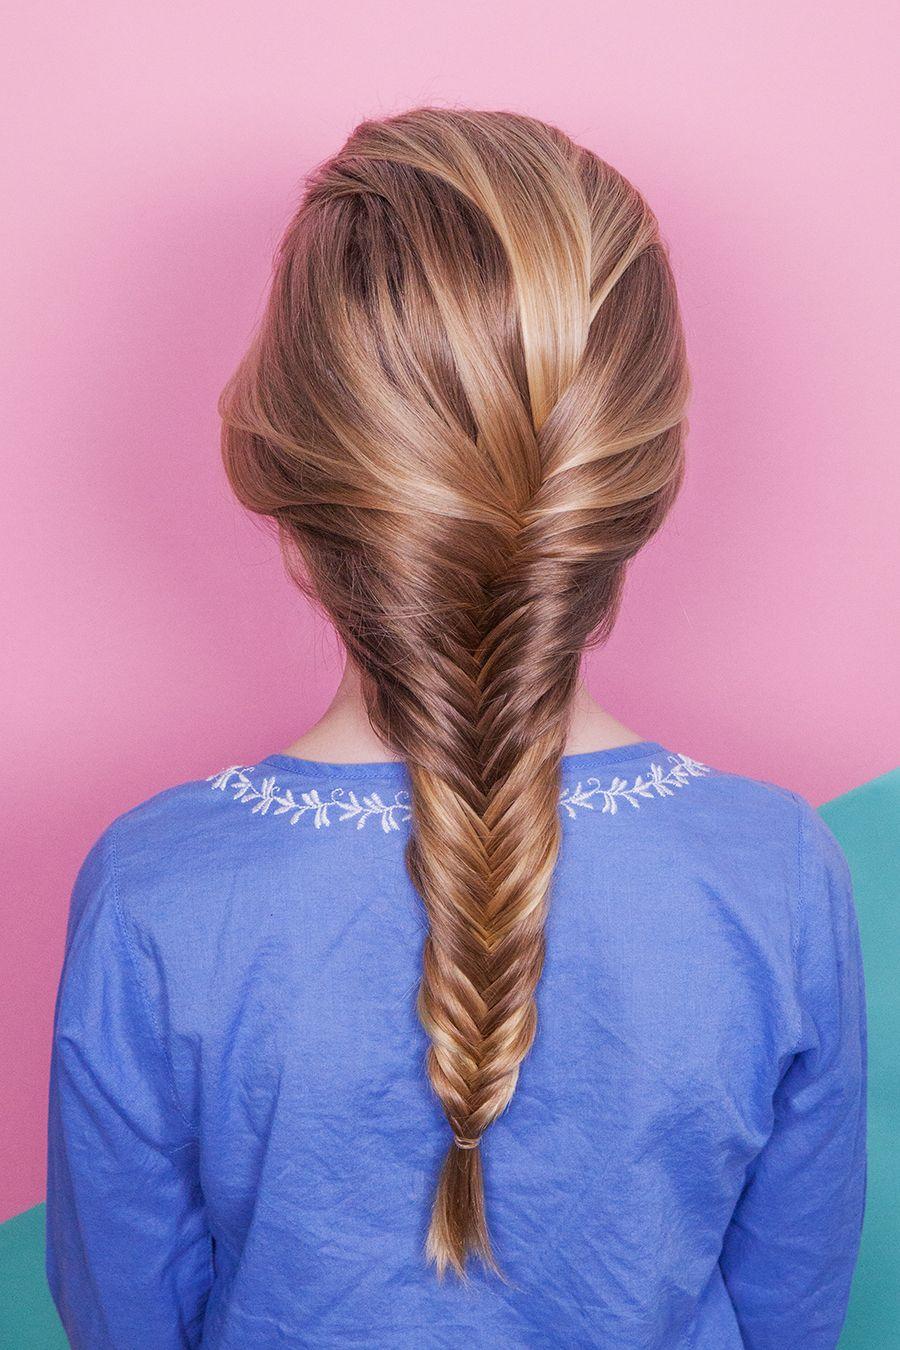 How To Fishtail Braid Braided Hairstyles Fish Tail Braid Braids For Short Hair